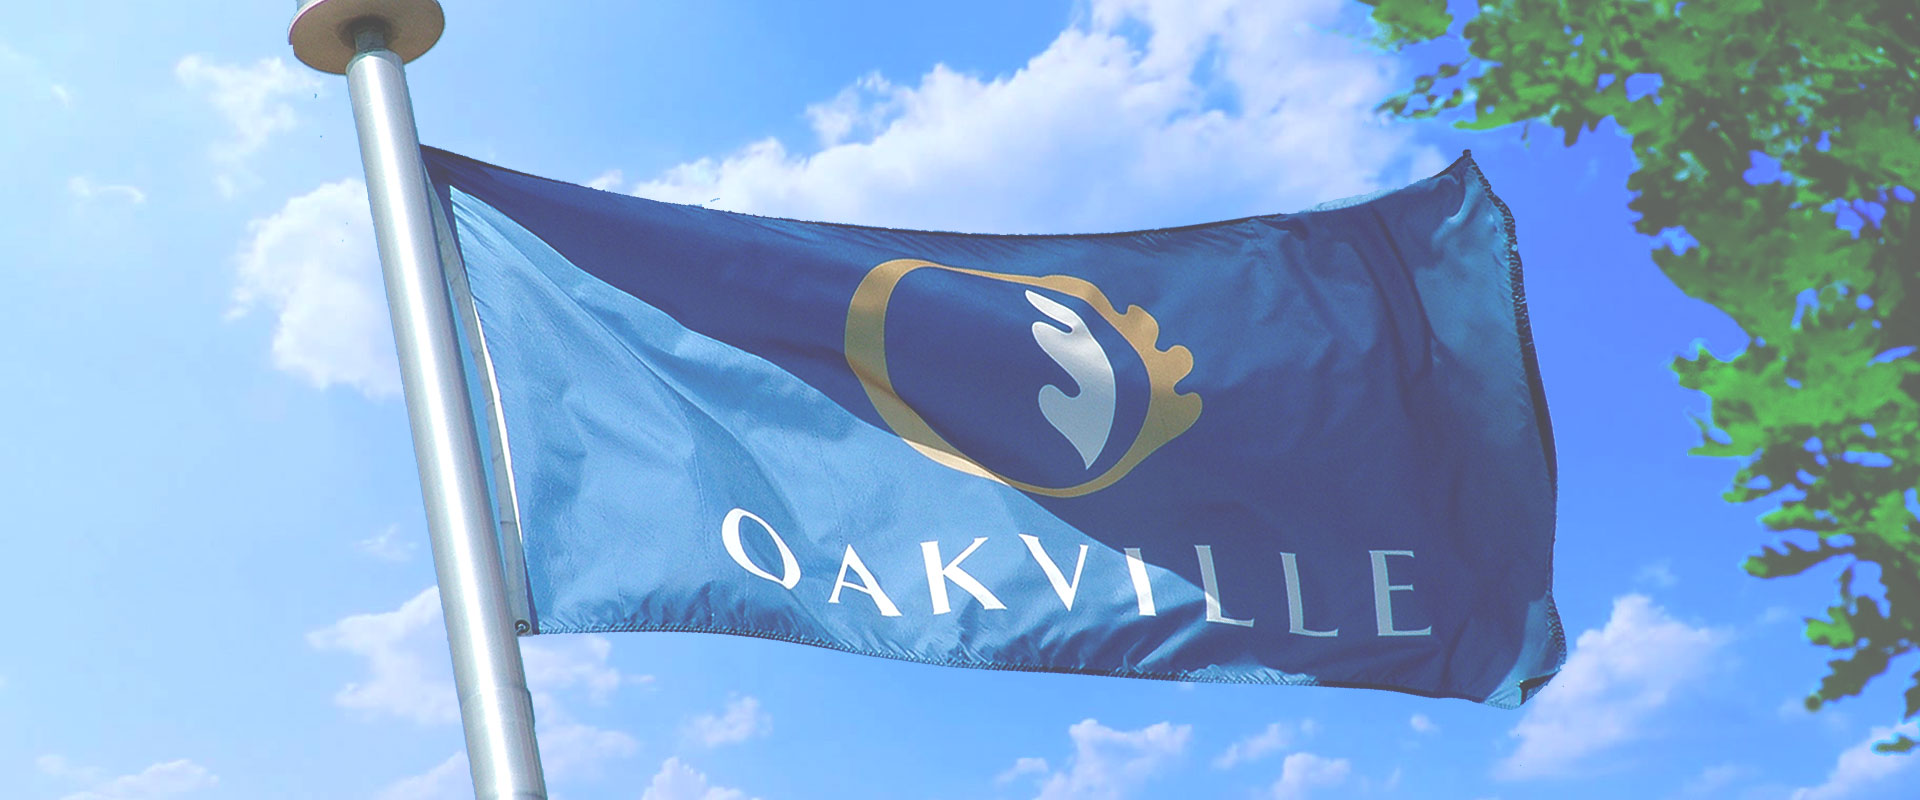 OakvilleFlag